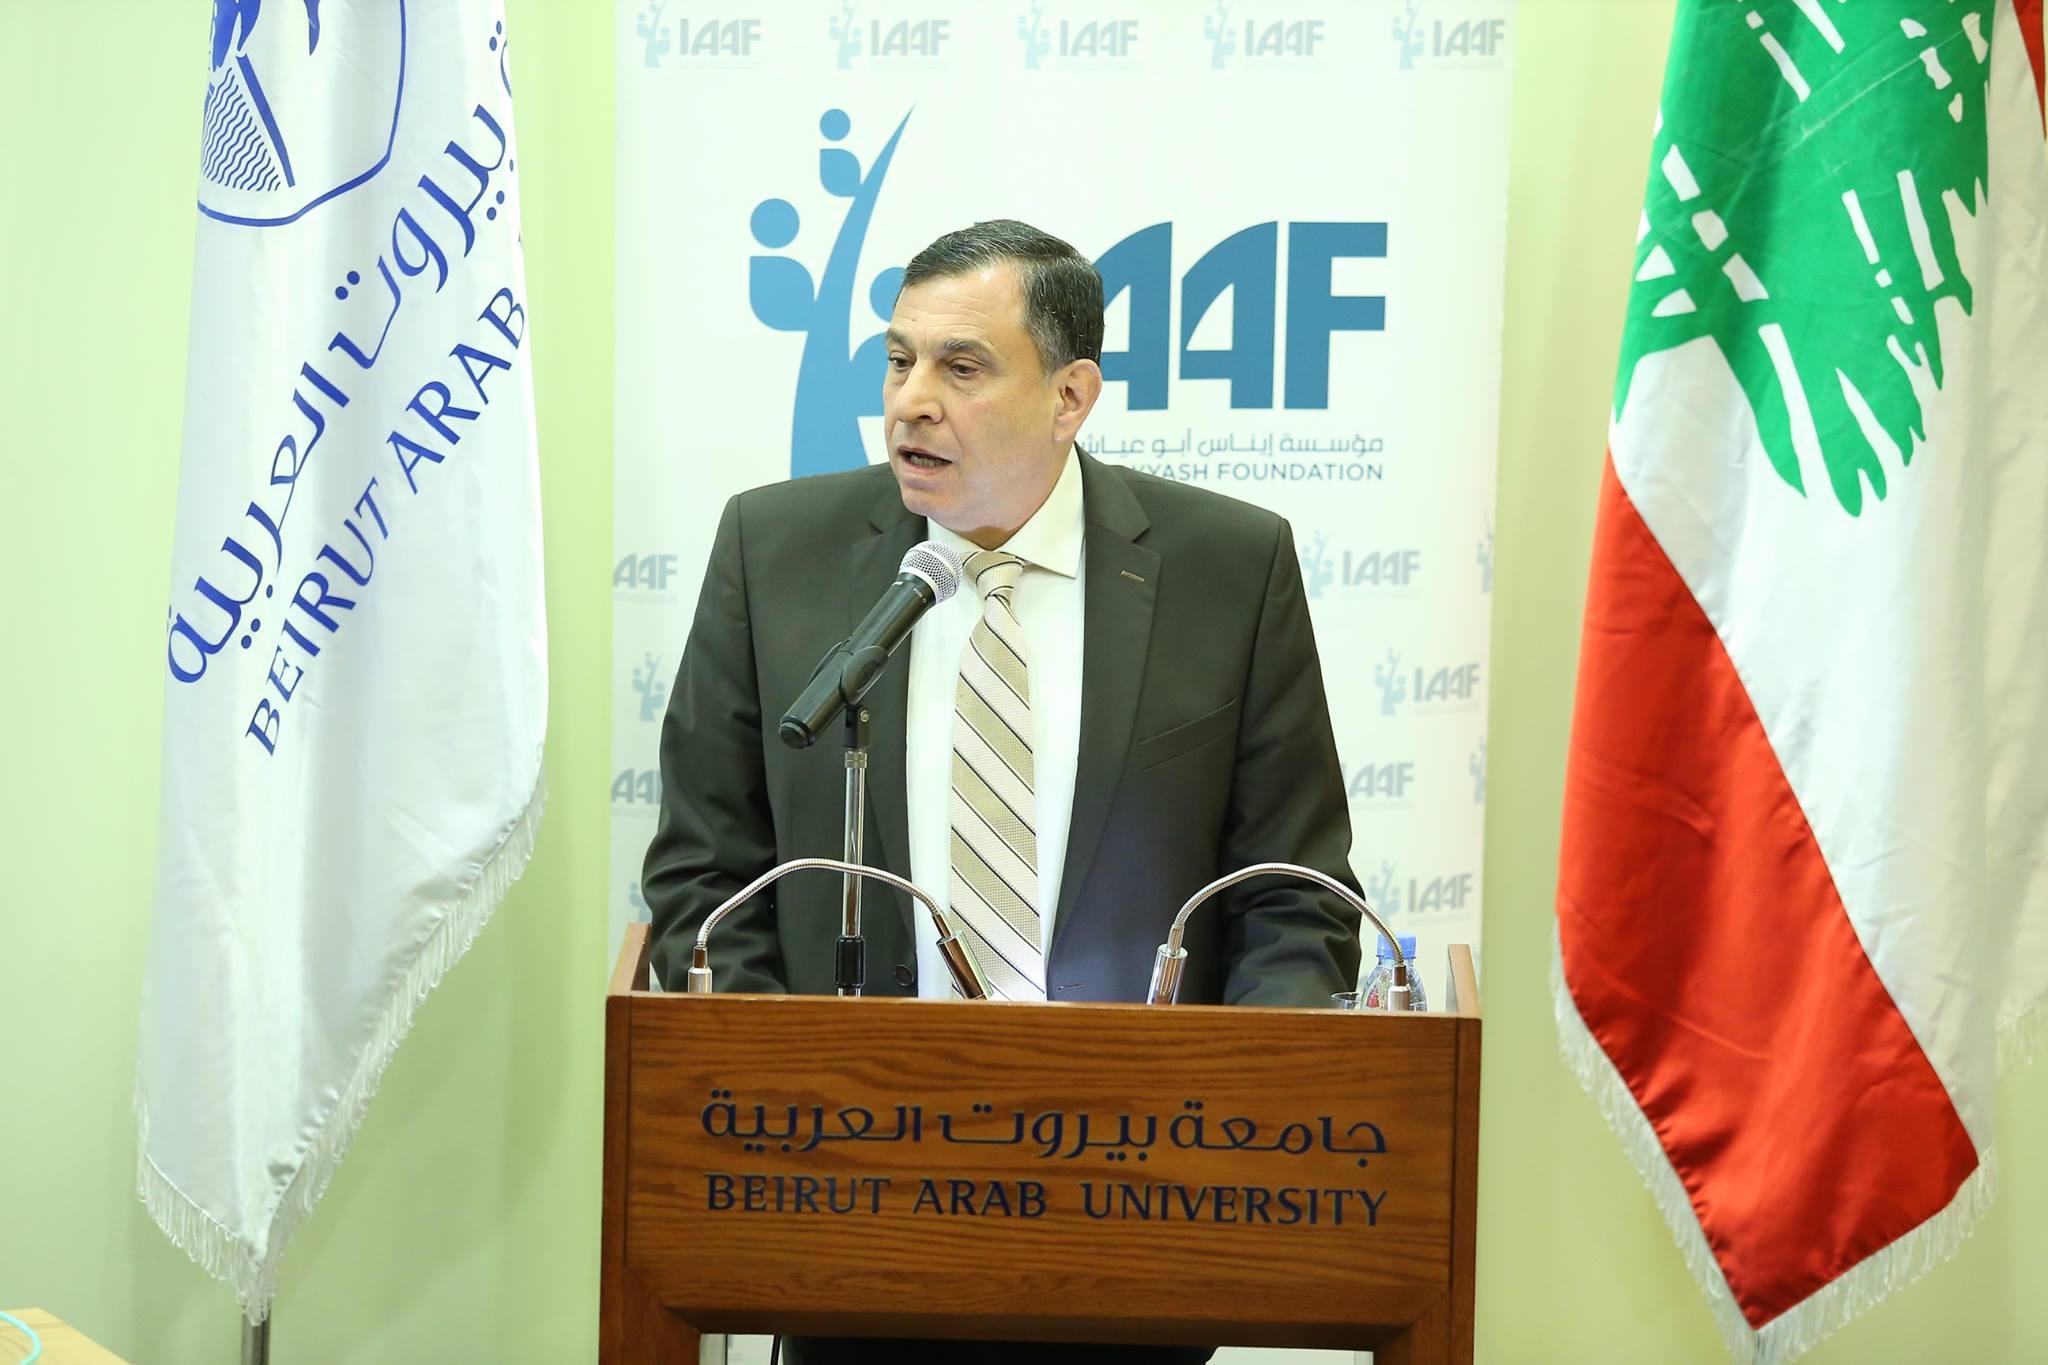 bau president dr. amr galal el-adawi delivering his speech